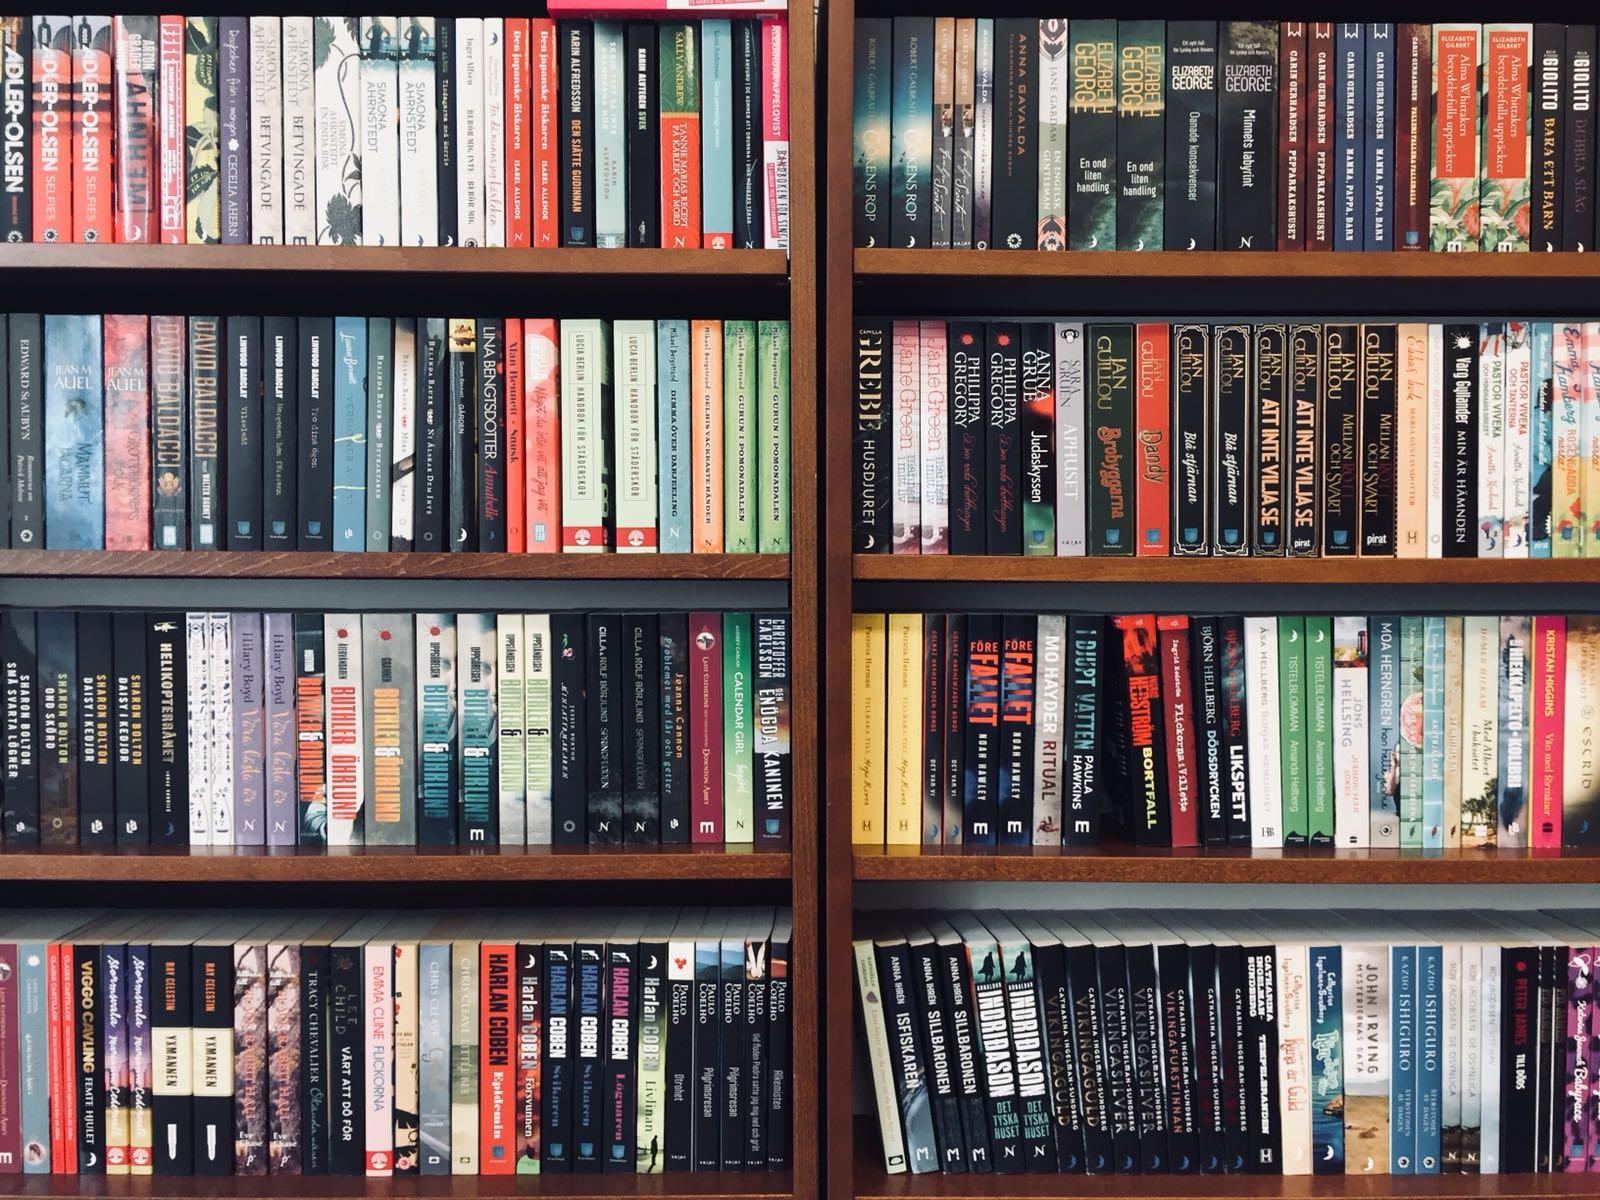 Inte alls min bokhylla, det här bokhyllan finns i den härliga butiken Gros. Bilder på just min bokhylla får ni när det börjar vara klart (blir det någonsin det?)